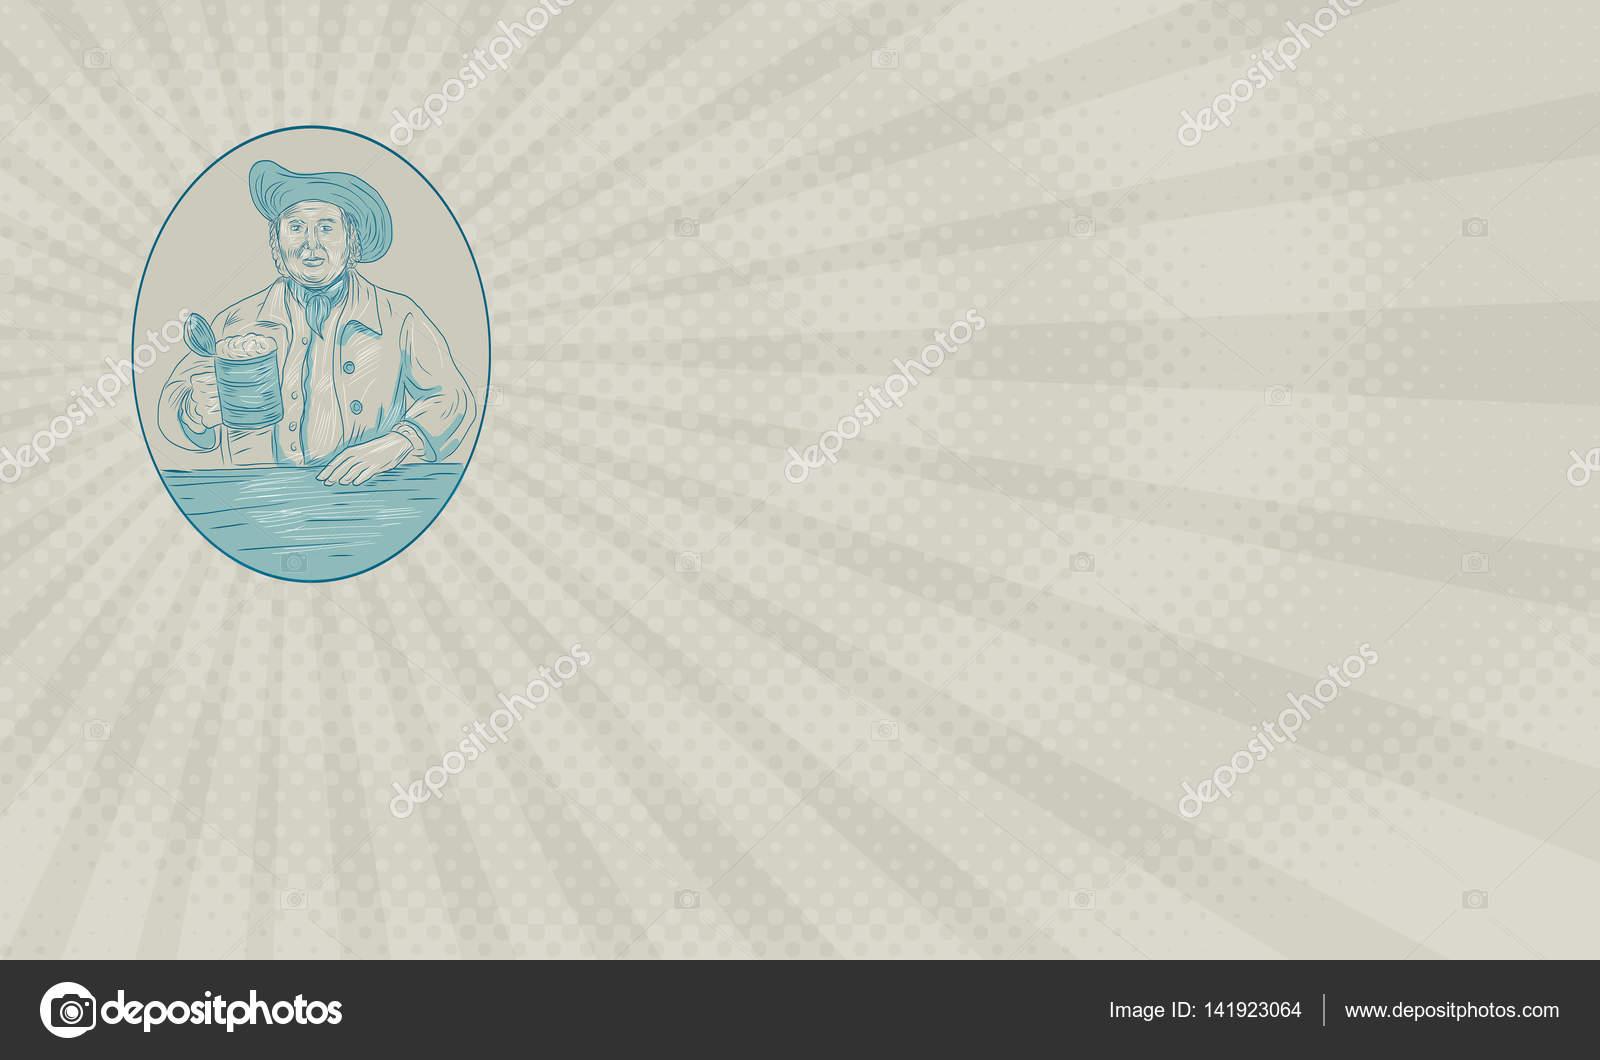 Carte De Visite Affichage Dessin Croquis Style Illustration Dun Buveur Bire Mdivale Gentilhomme Dtenant Ensemble Tankard Lintrieur Forme